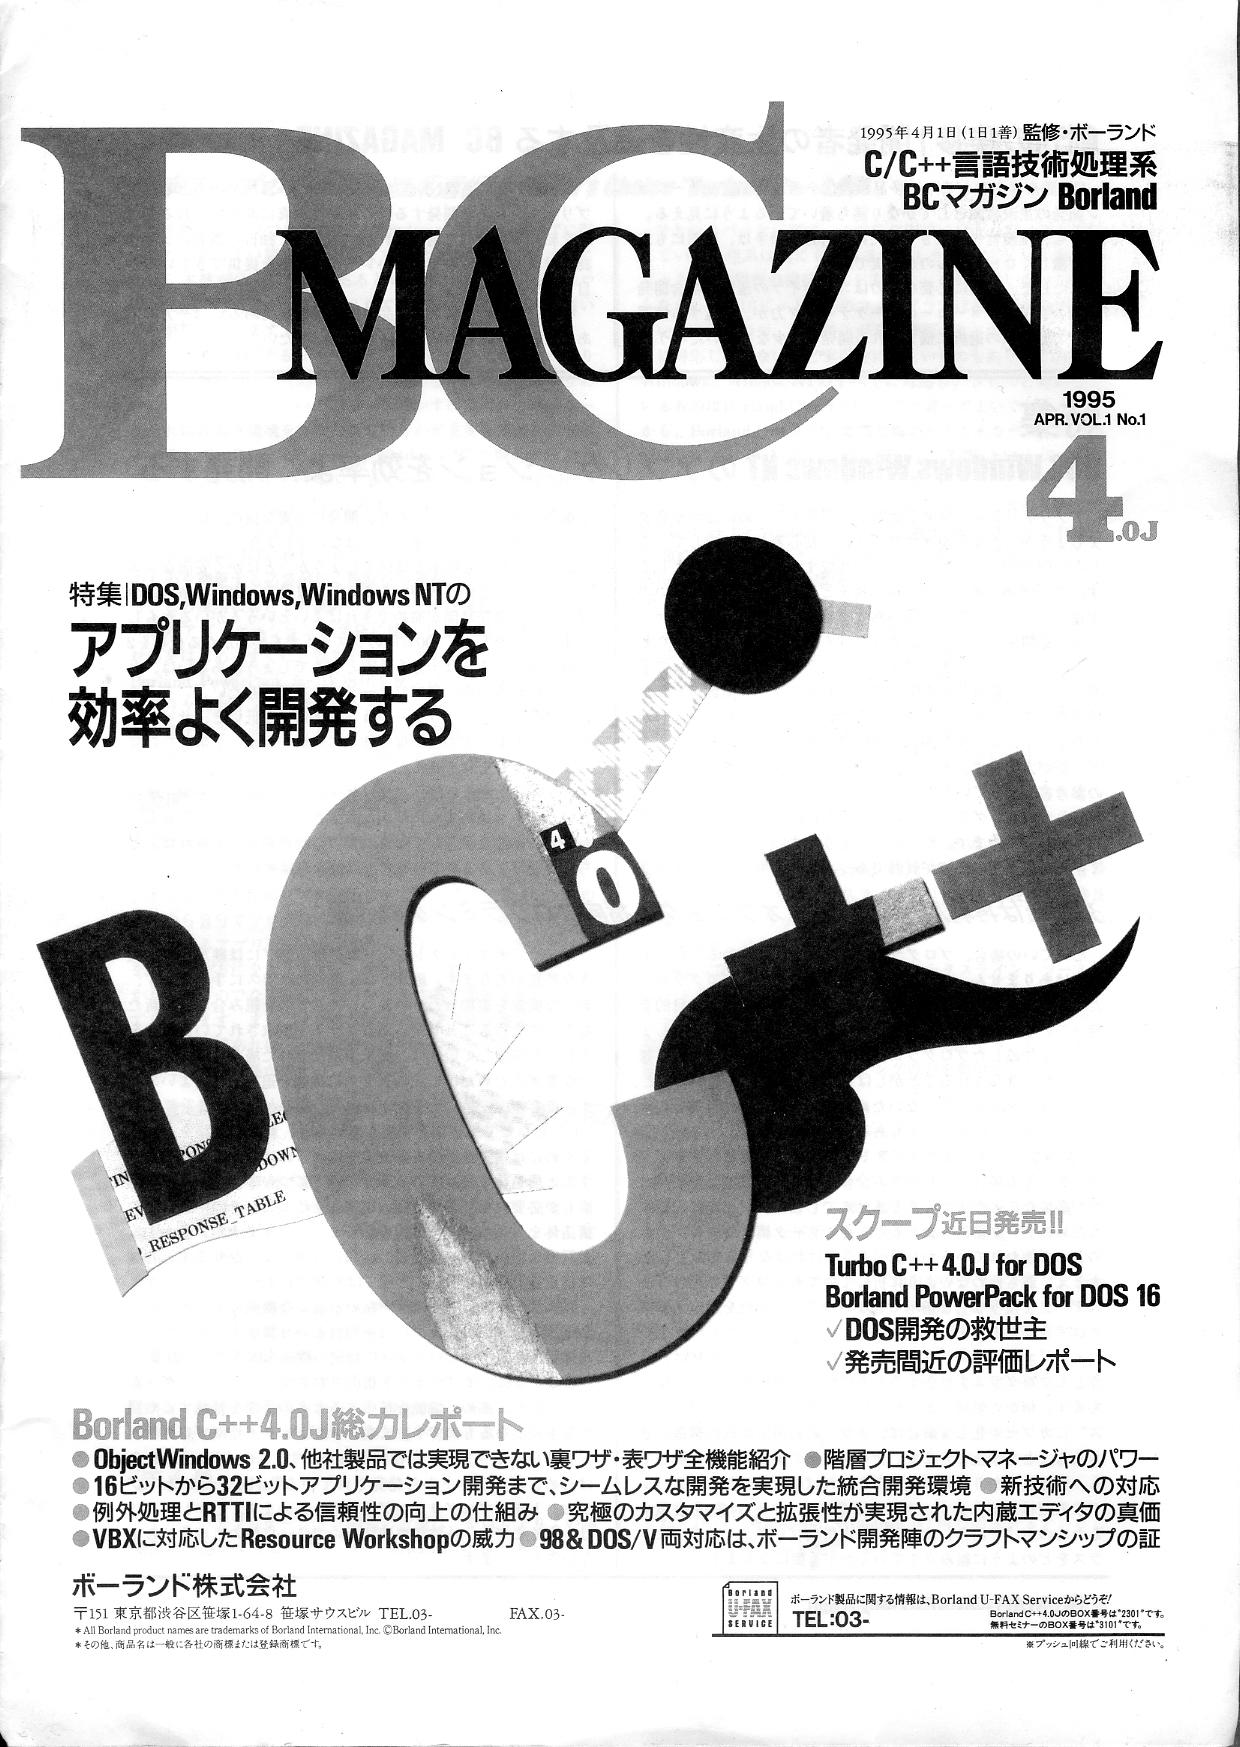 https://blogs.itmedia.co.jp/mohno/BCMagazine_cover.jpg